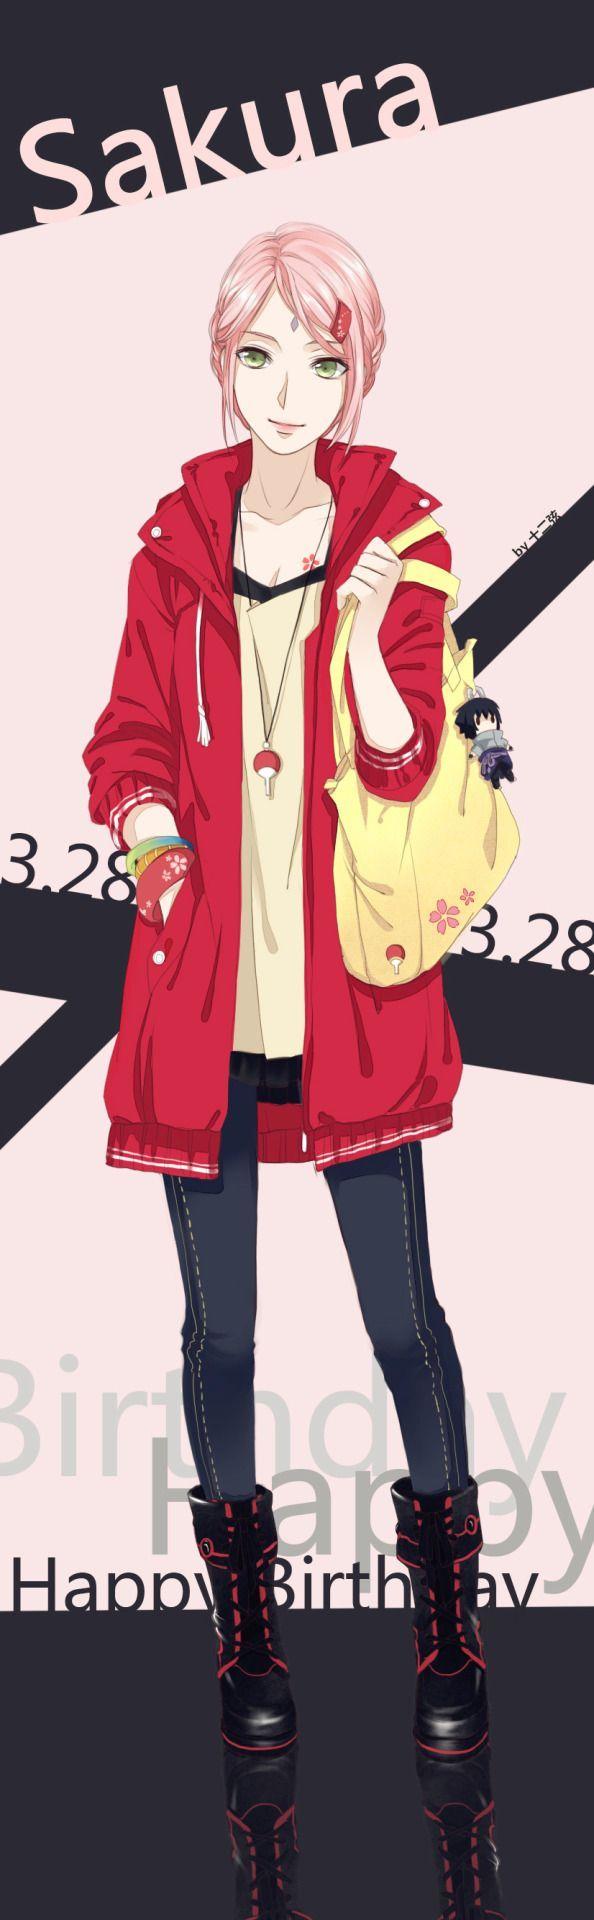 Sakura ヽ(*≧ω≦)ノ (OMG she has a Sasuke keychain!! So freakin' cute.)